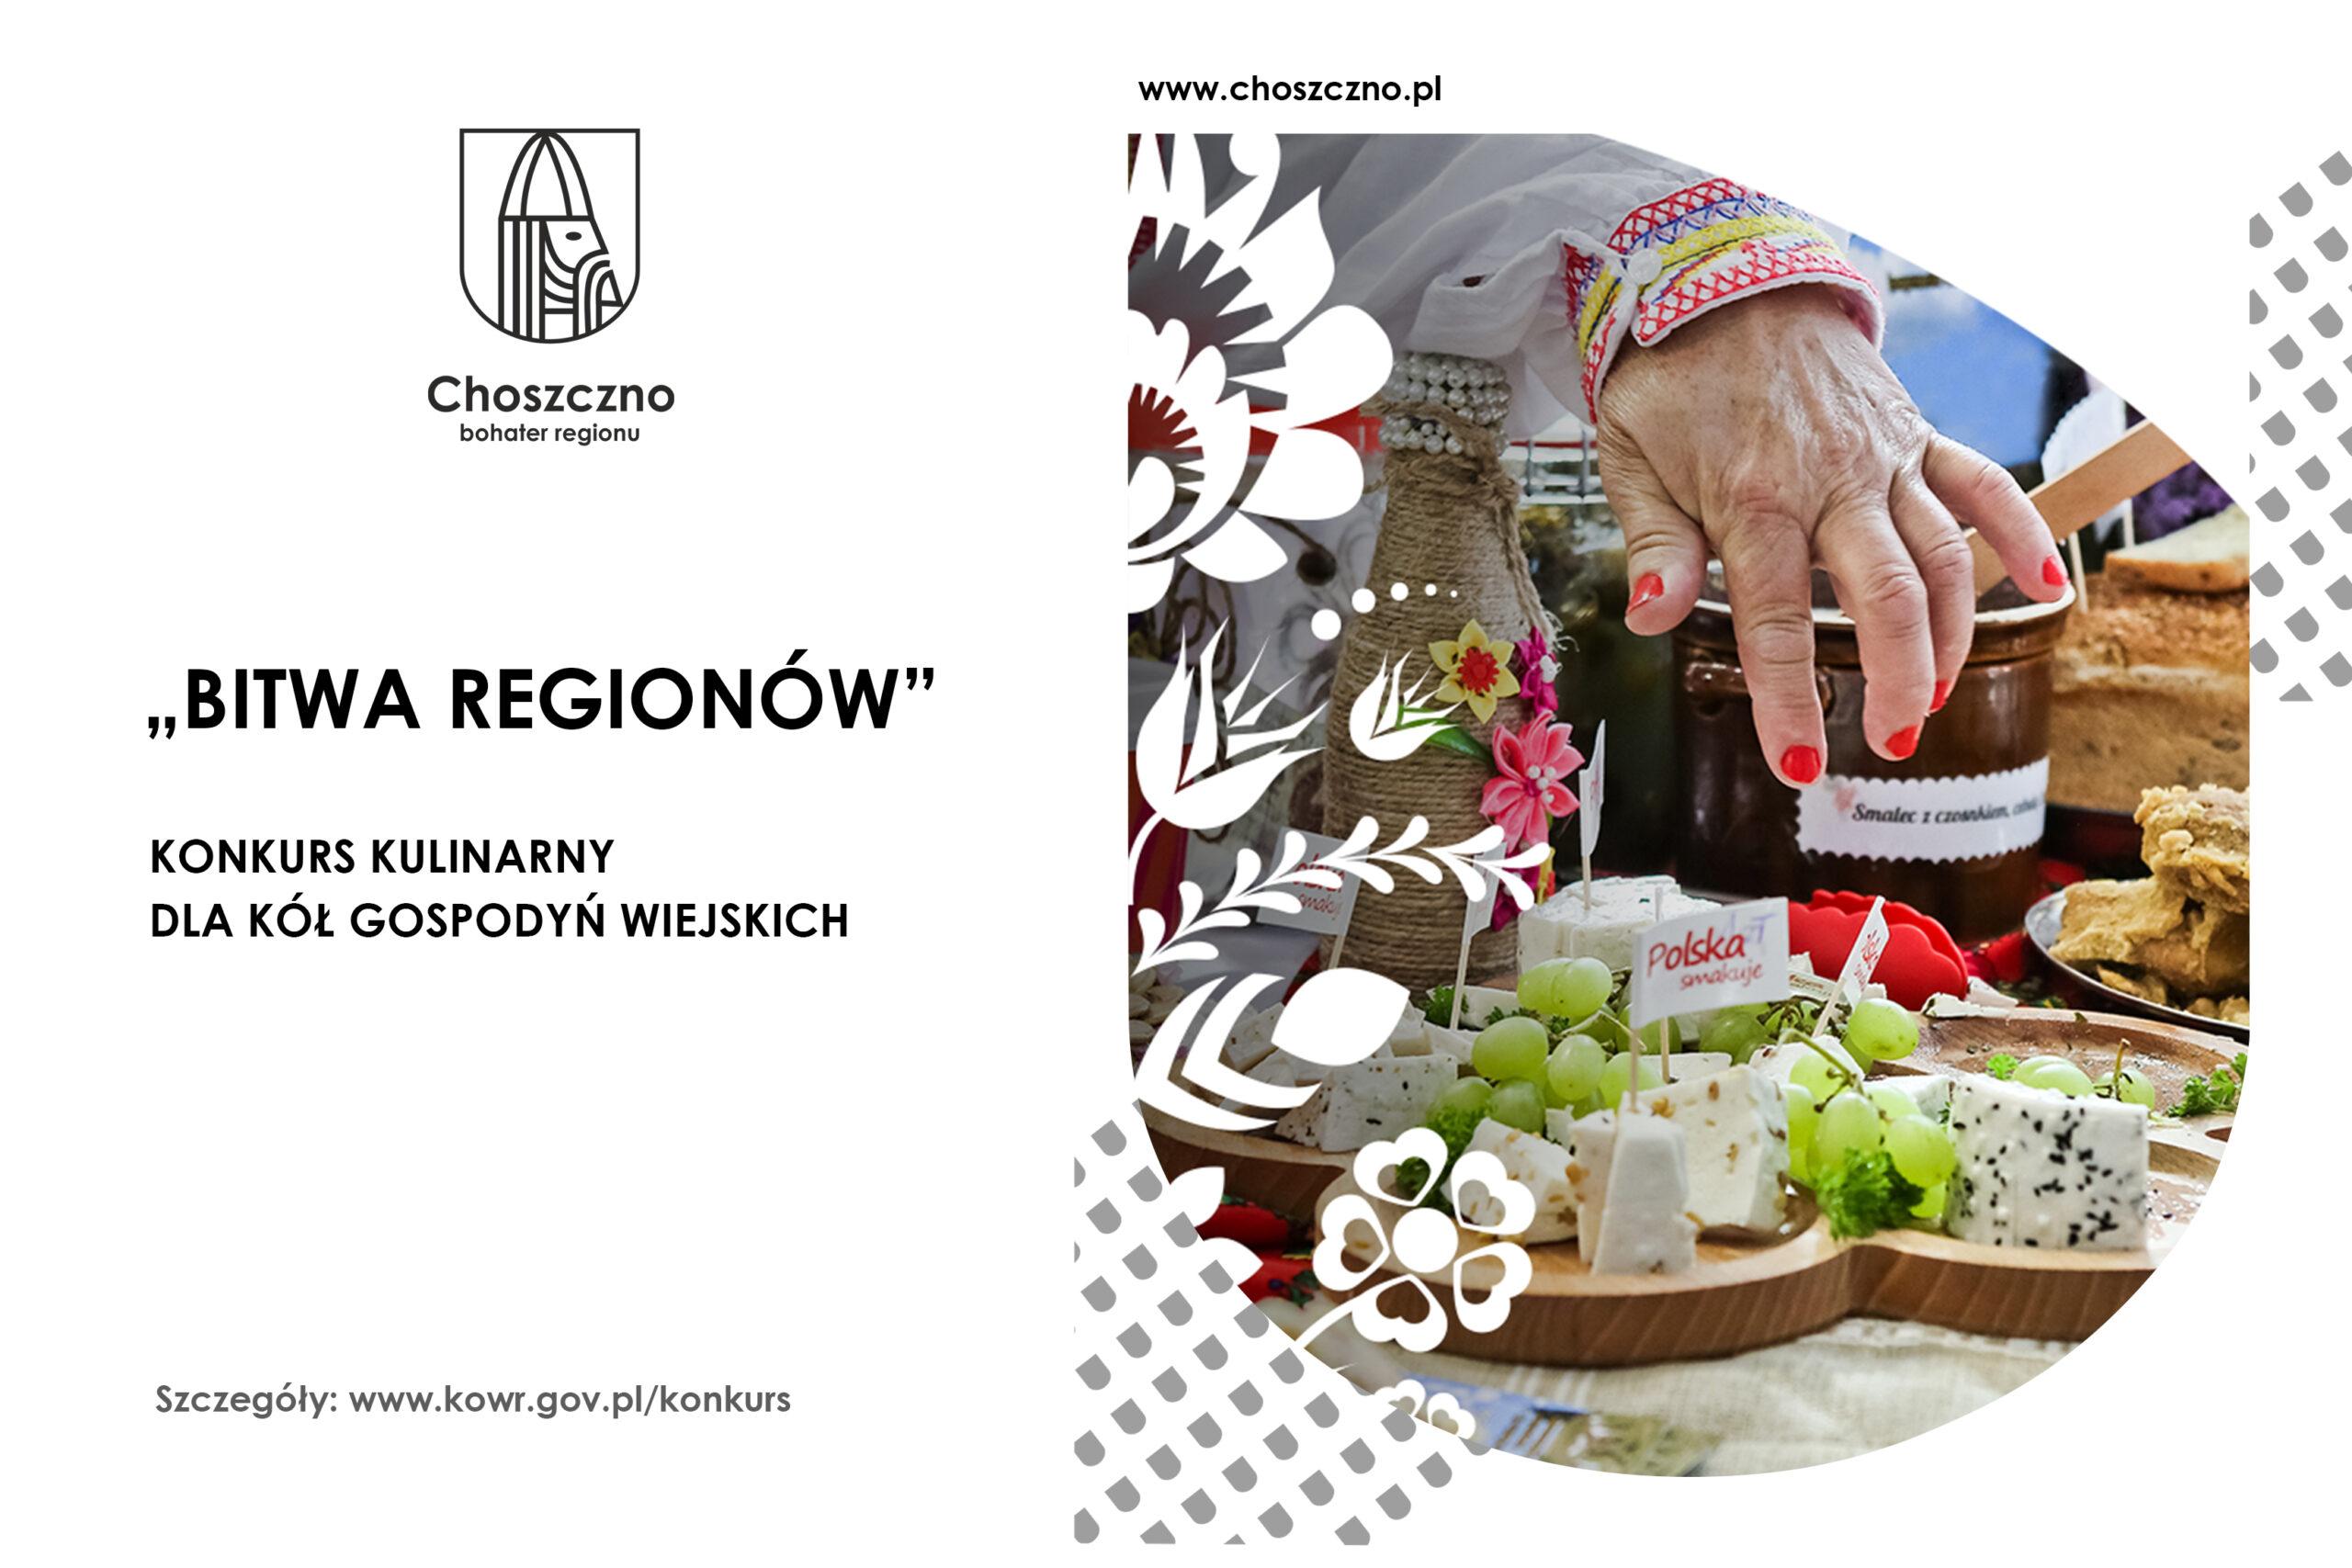 konkurs kulinarny bita regionów